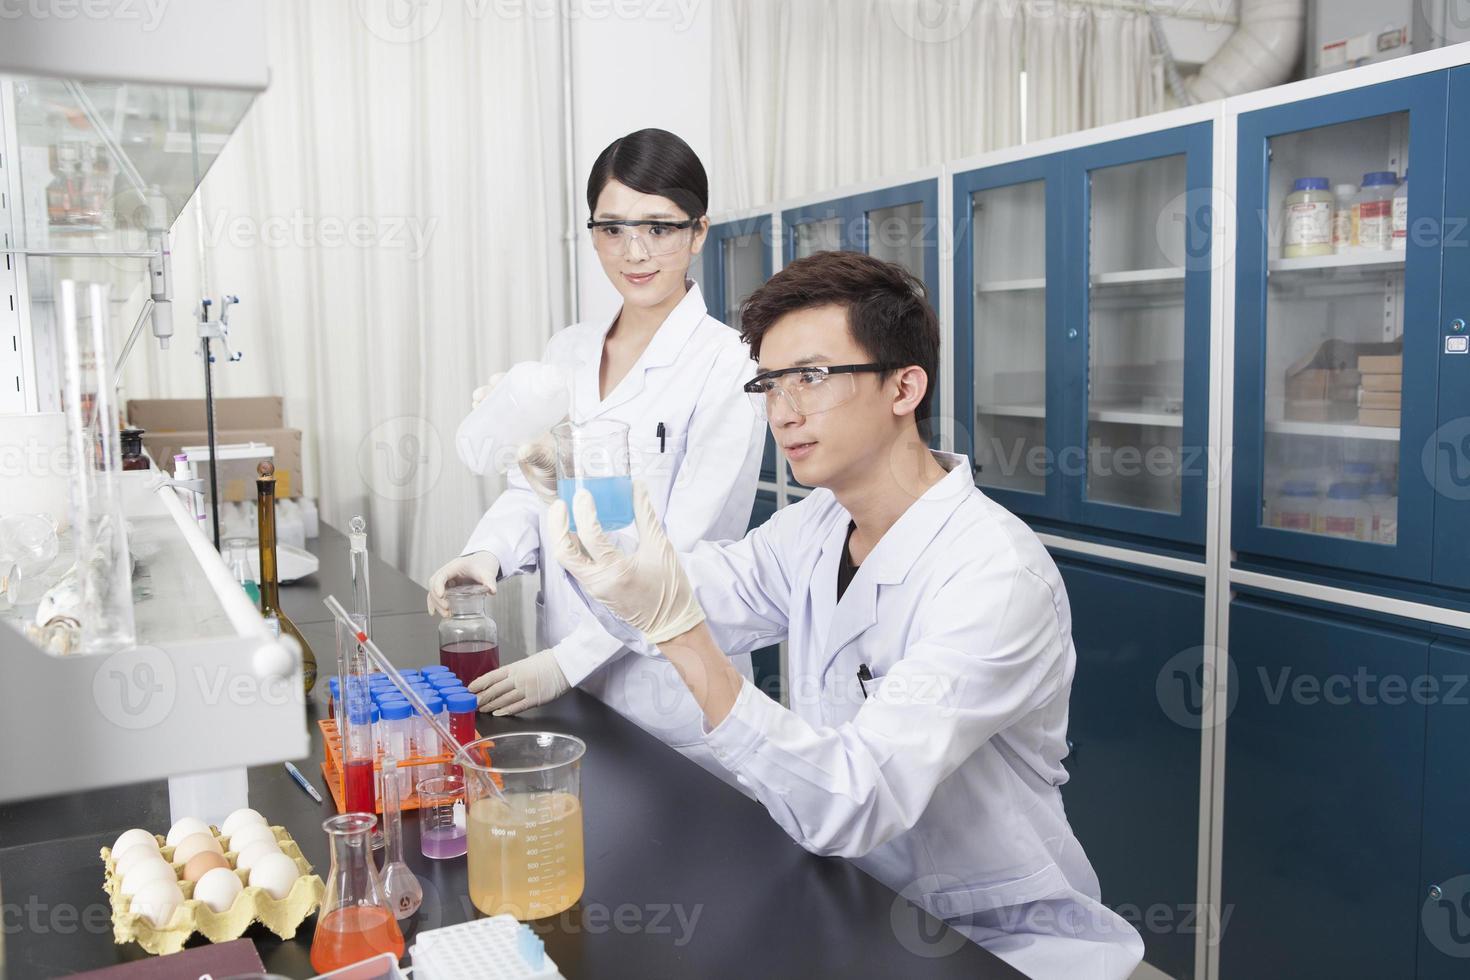 Zwei junge Leute kultivieren wissenschaftliche Forschungsexperimente foto